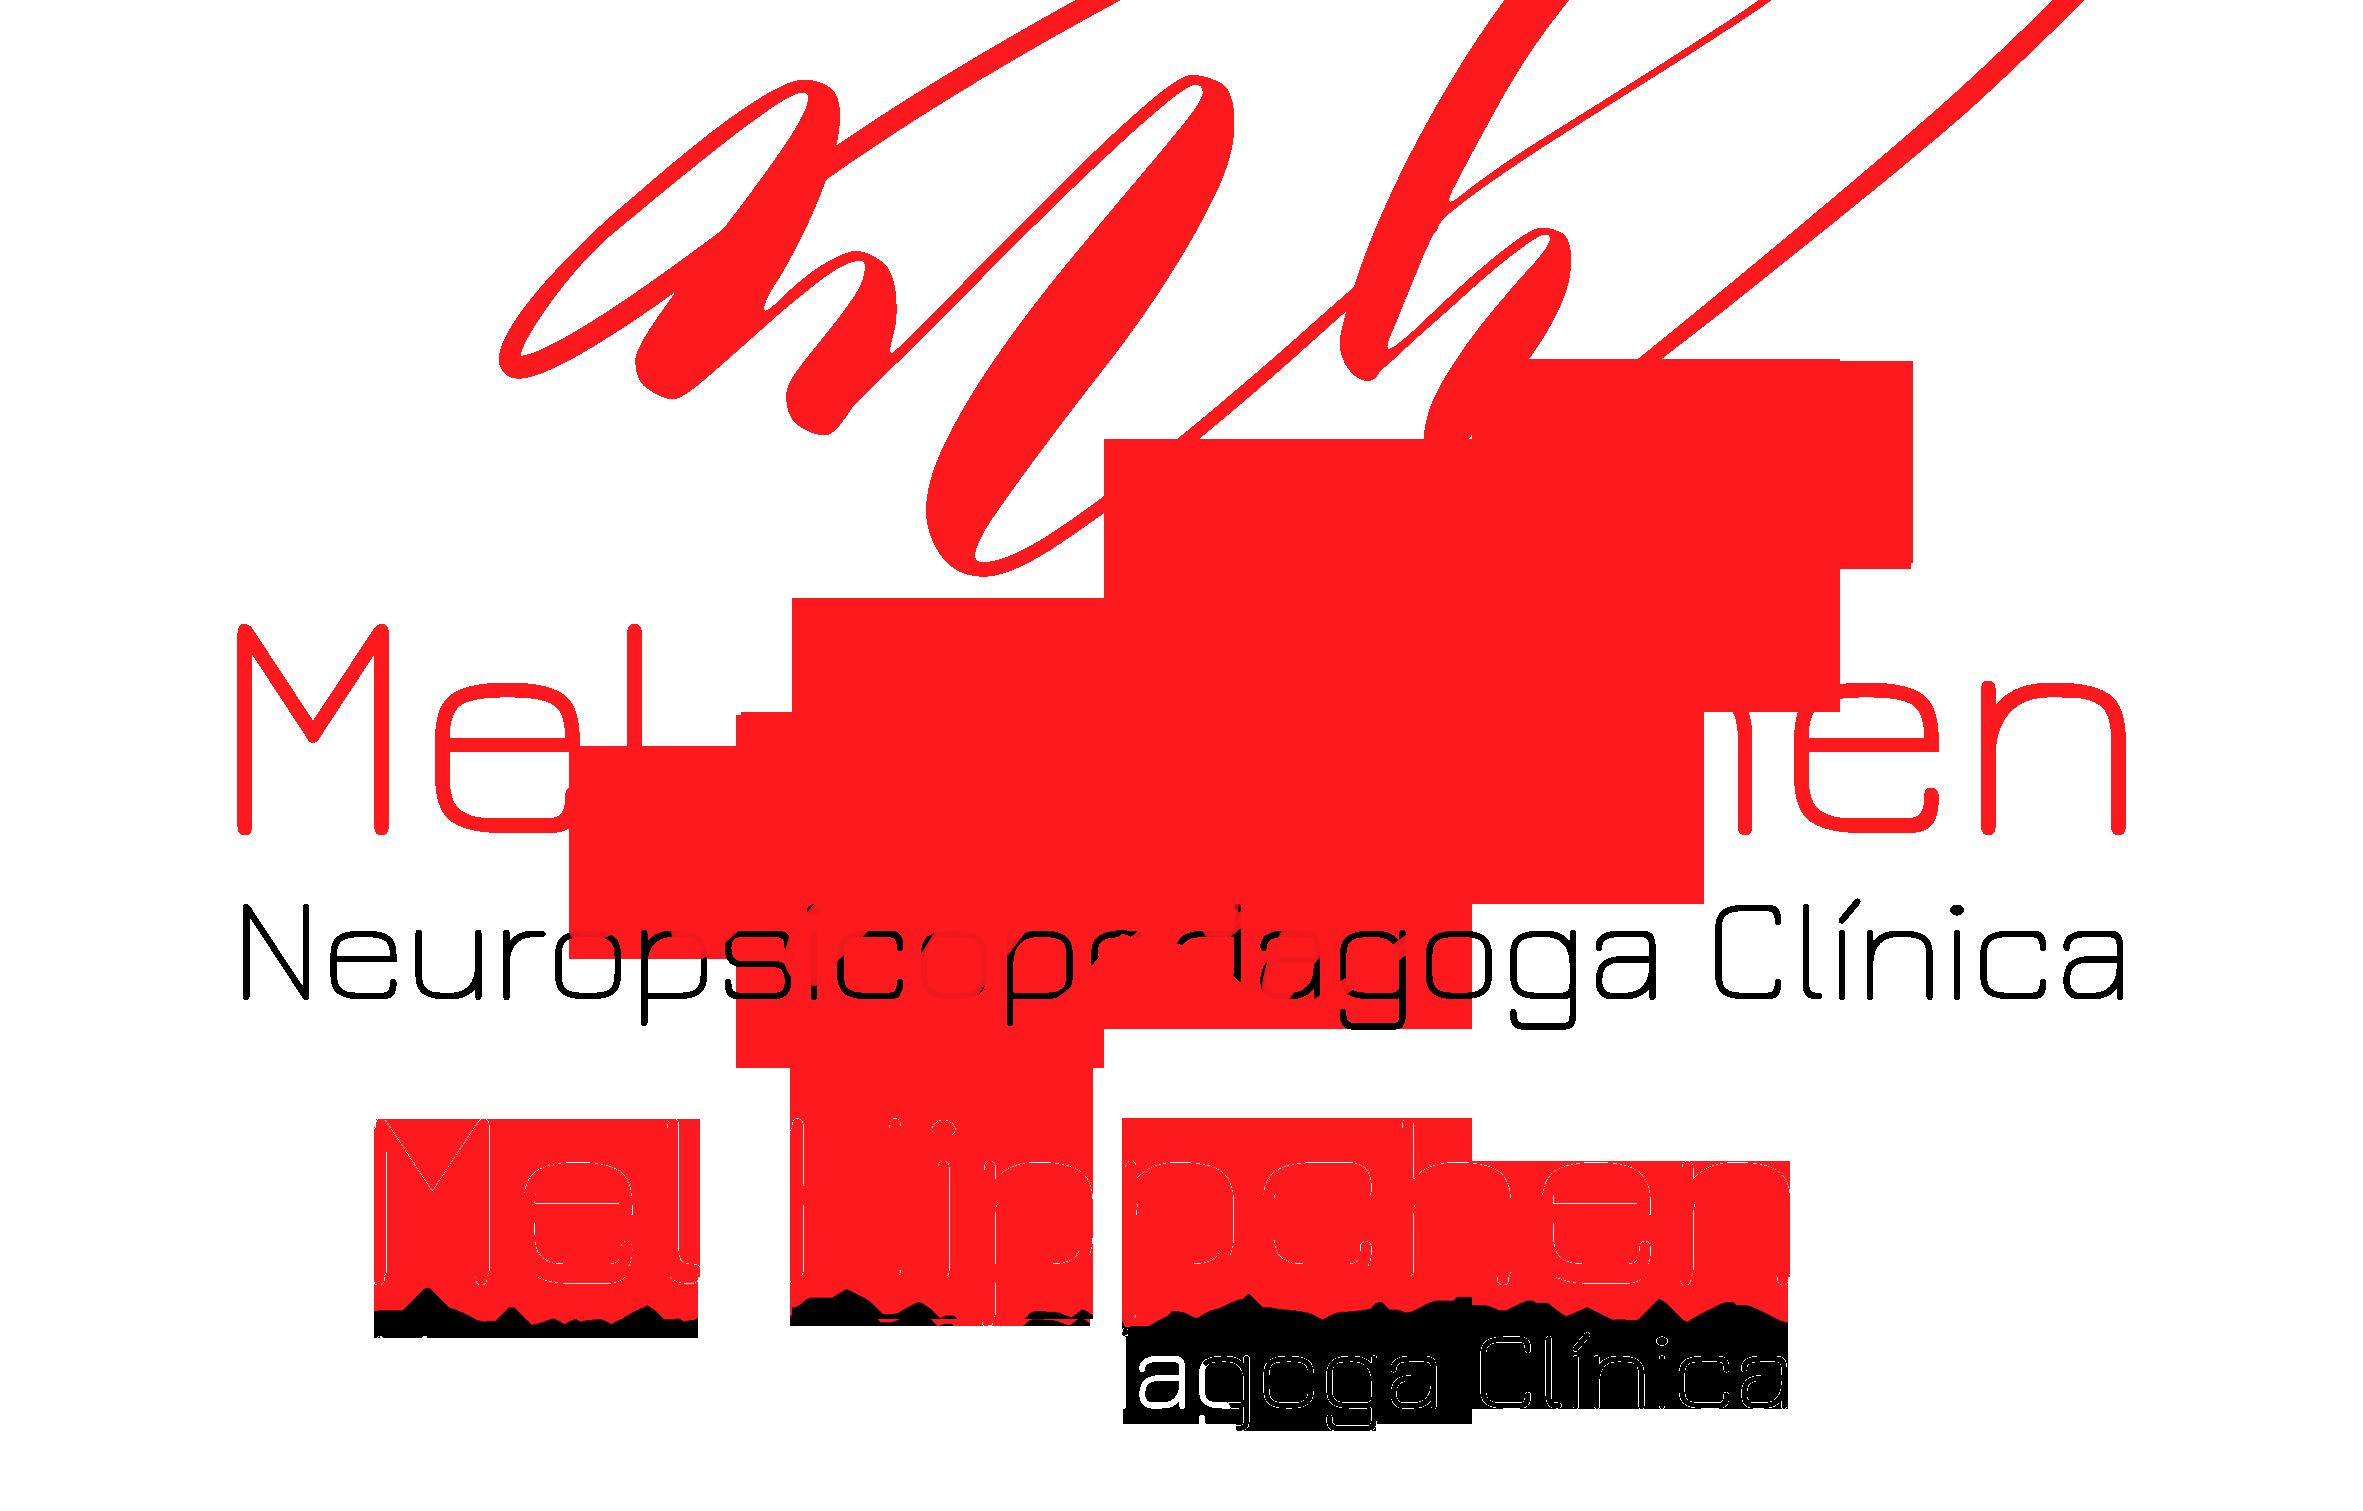 Mel Hippchen